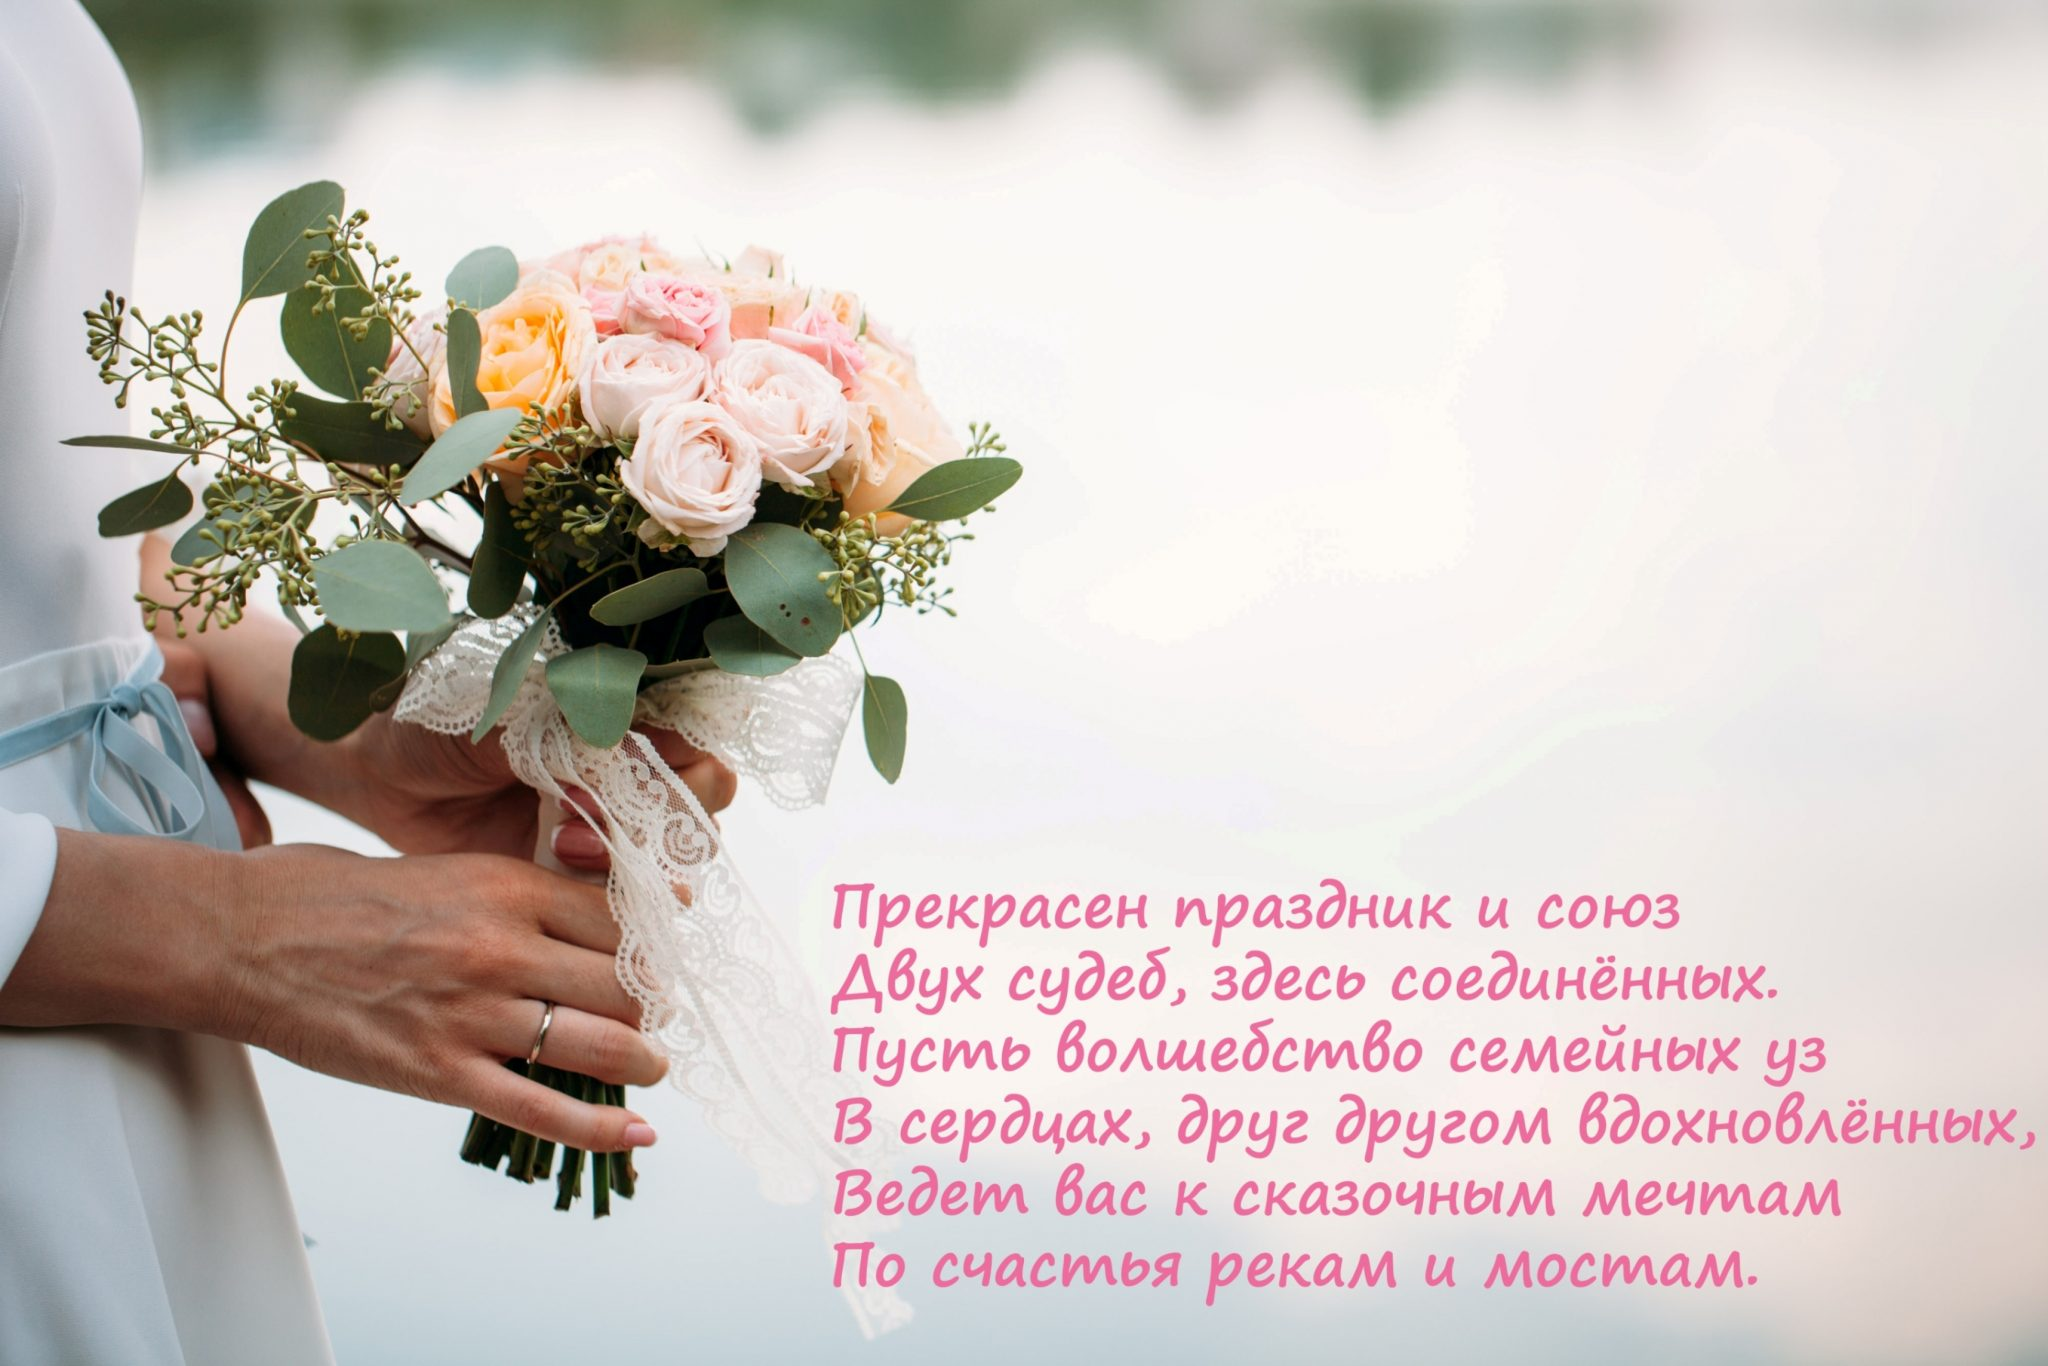 Пожелания невесте в день свадьбы с утра